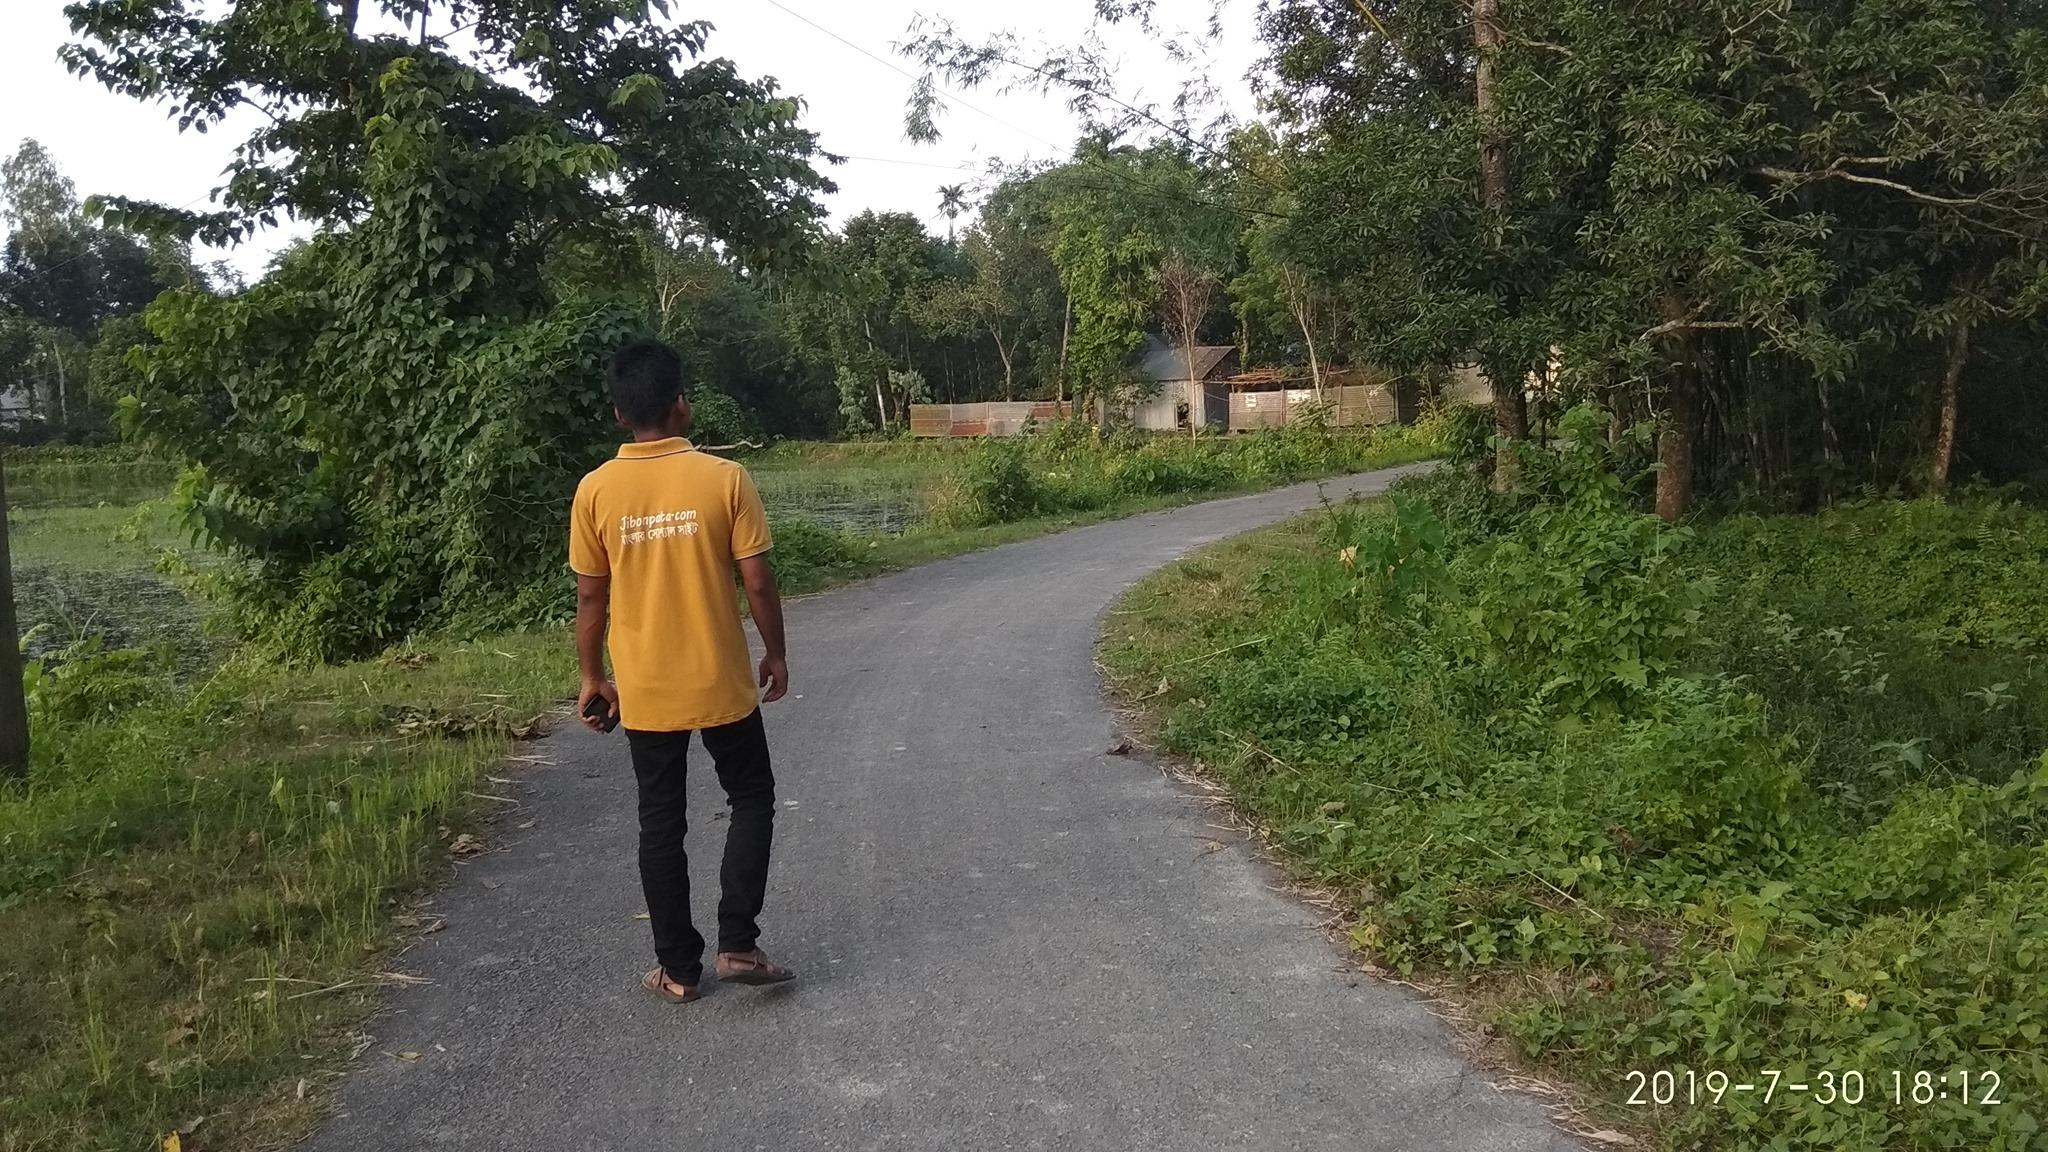 যাচ্ছি চলে দুচোখ যায় যে দিকে - ইব্রাহীম বিন্ মূসা   Facebook